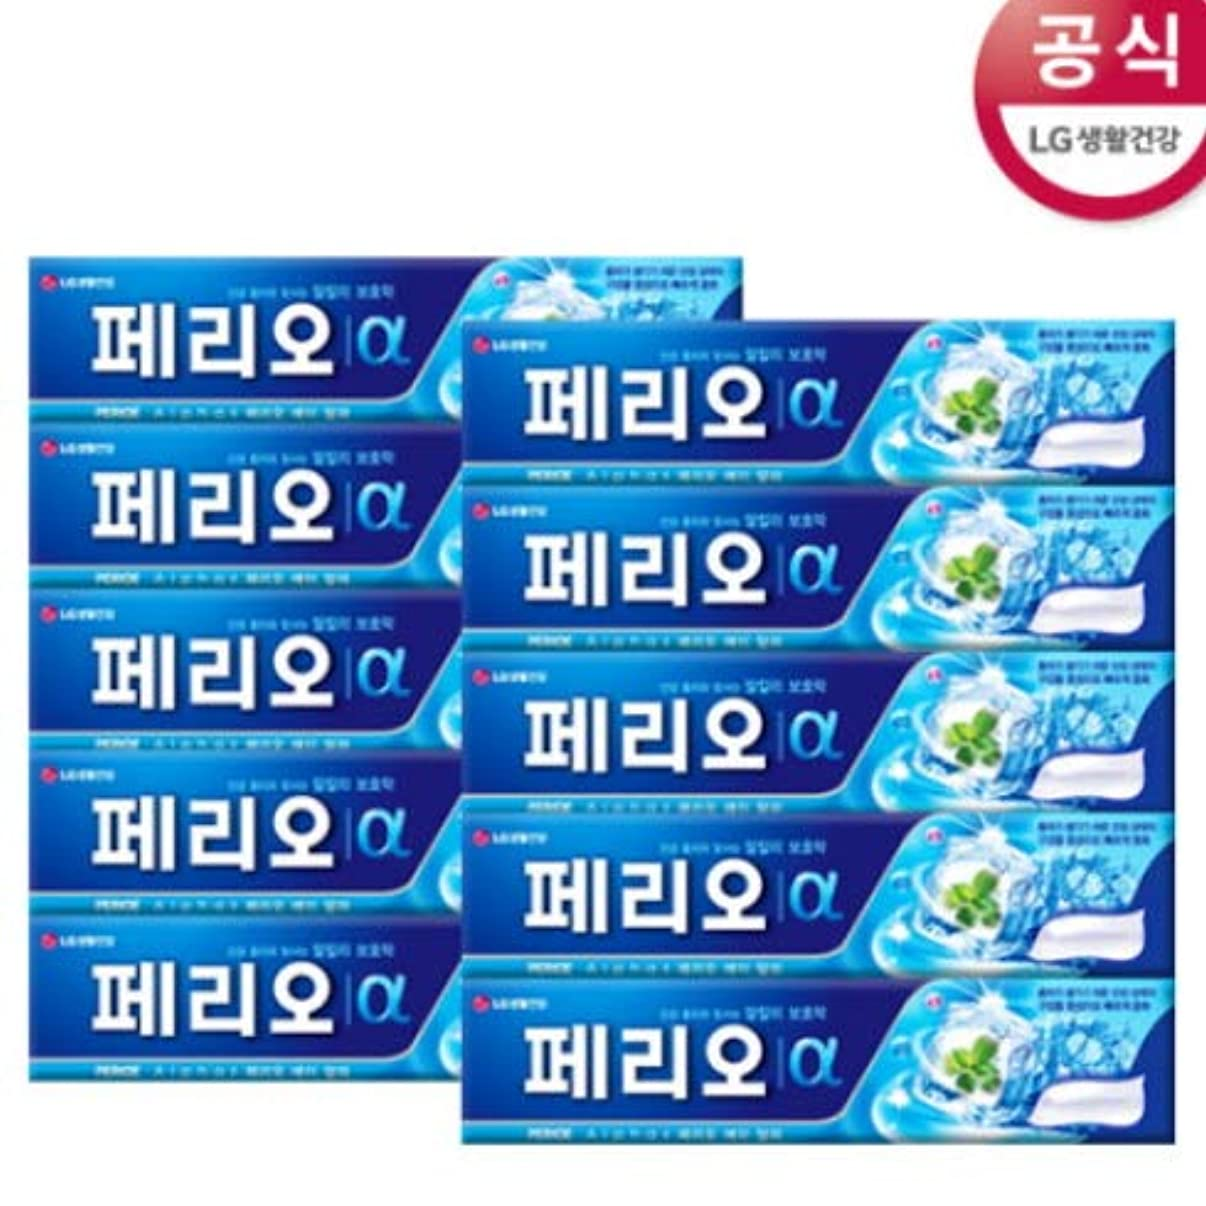 覚醒申し込む鼻[LG HnB] Perio Alpha Toothpaste/ペリオアルファ歯磨き粉 170gx10個(海外直送品)